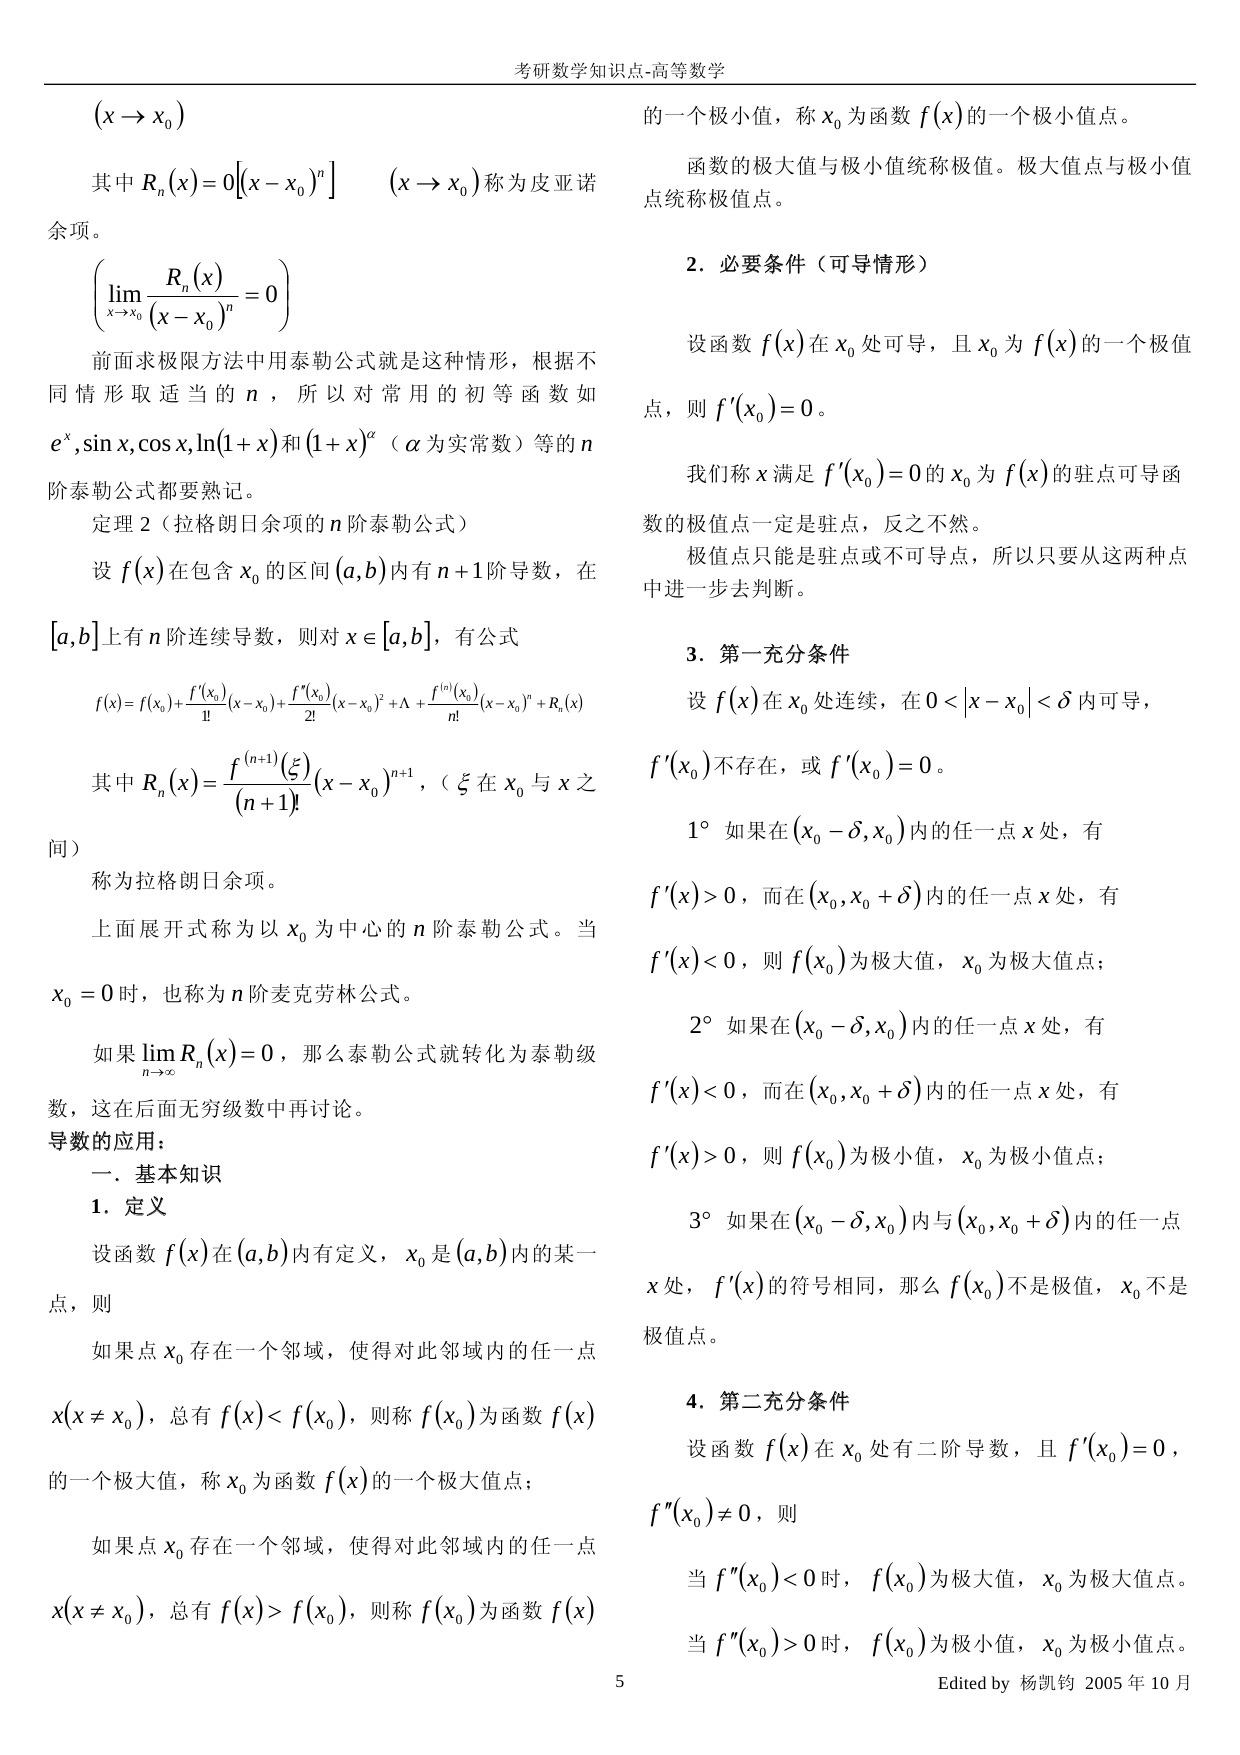 2015年考研高等数学知识点集合